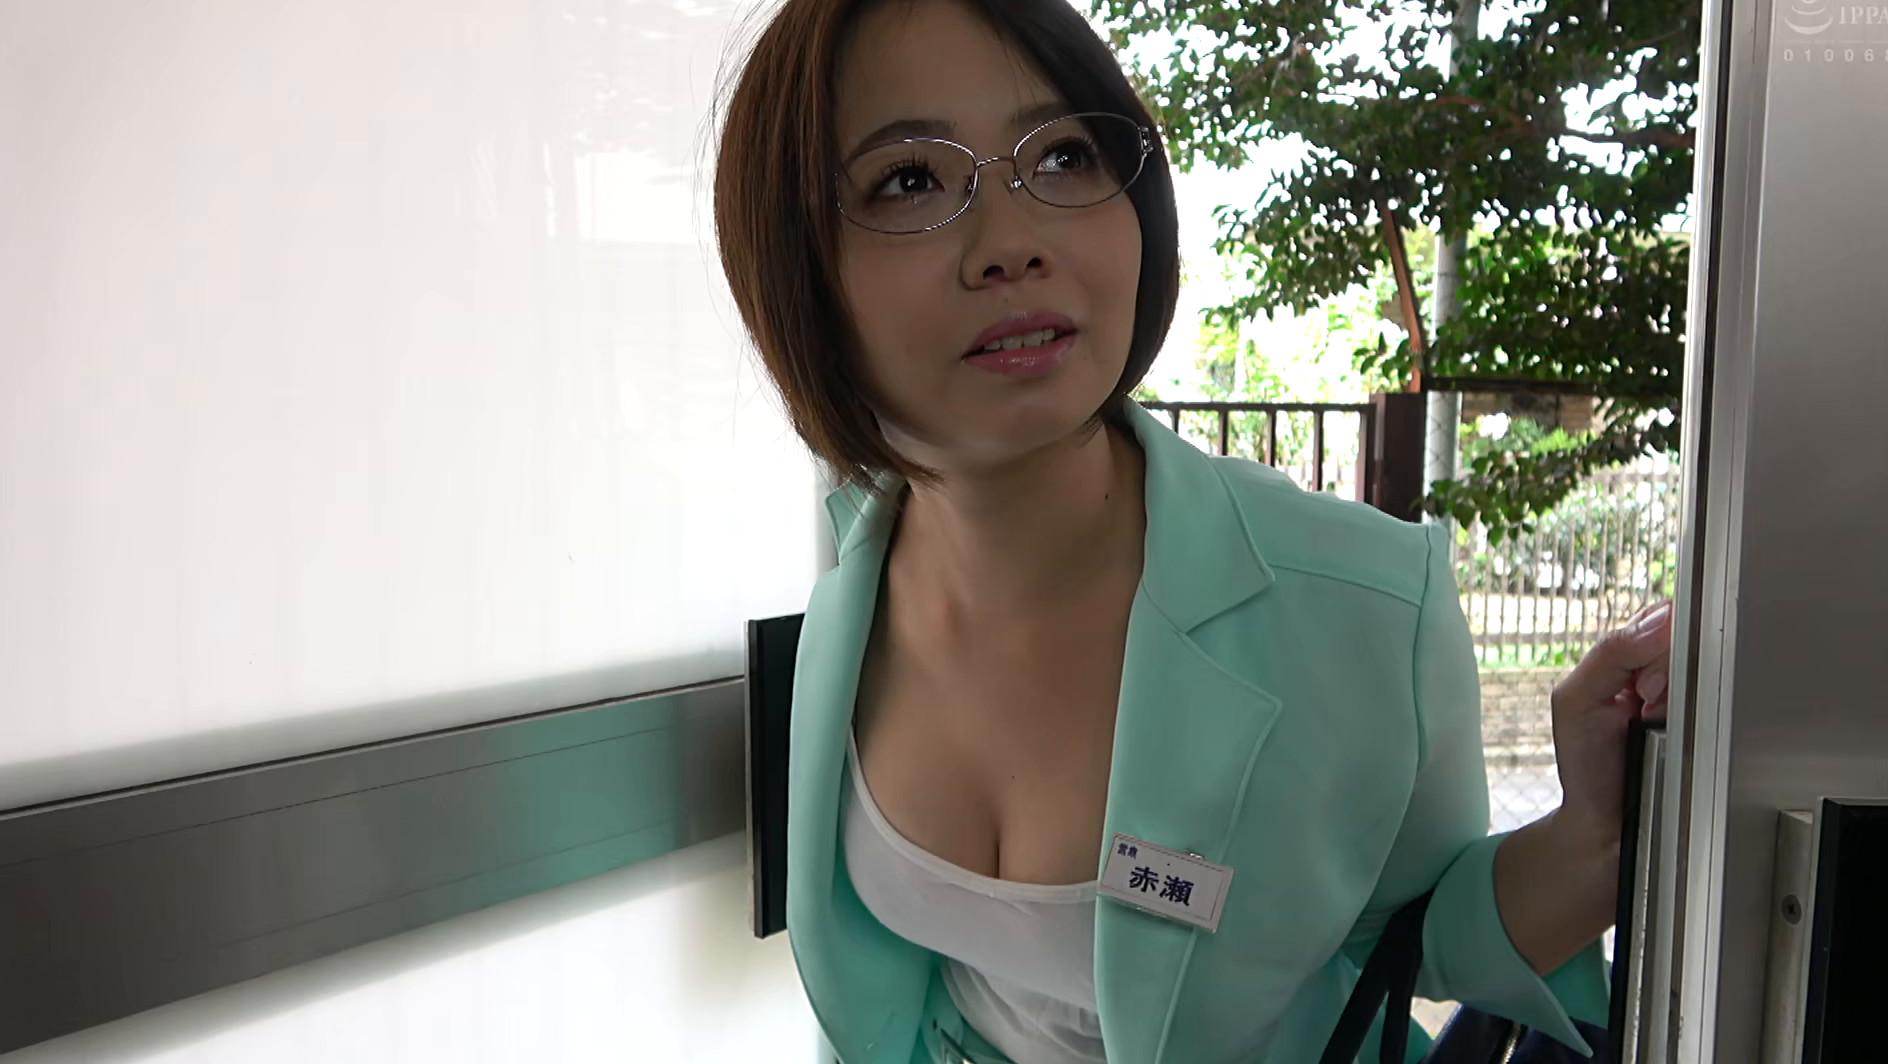 独り暮らしの男性に枕営業で契約をGETするデカパイ営業レディ 赤瀬尚子,のサンプル画像1